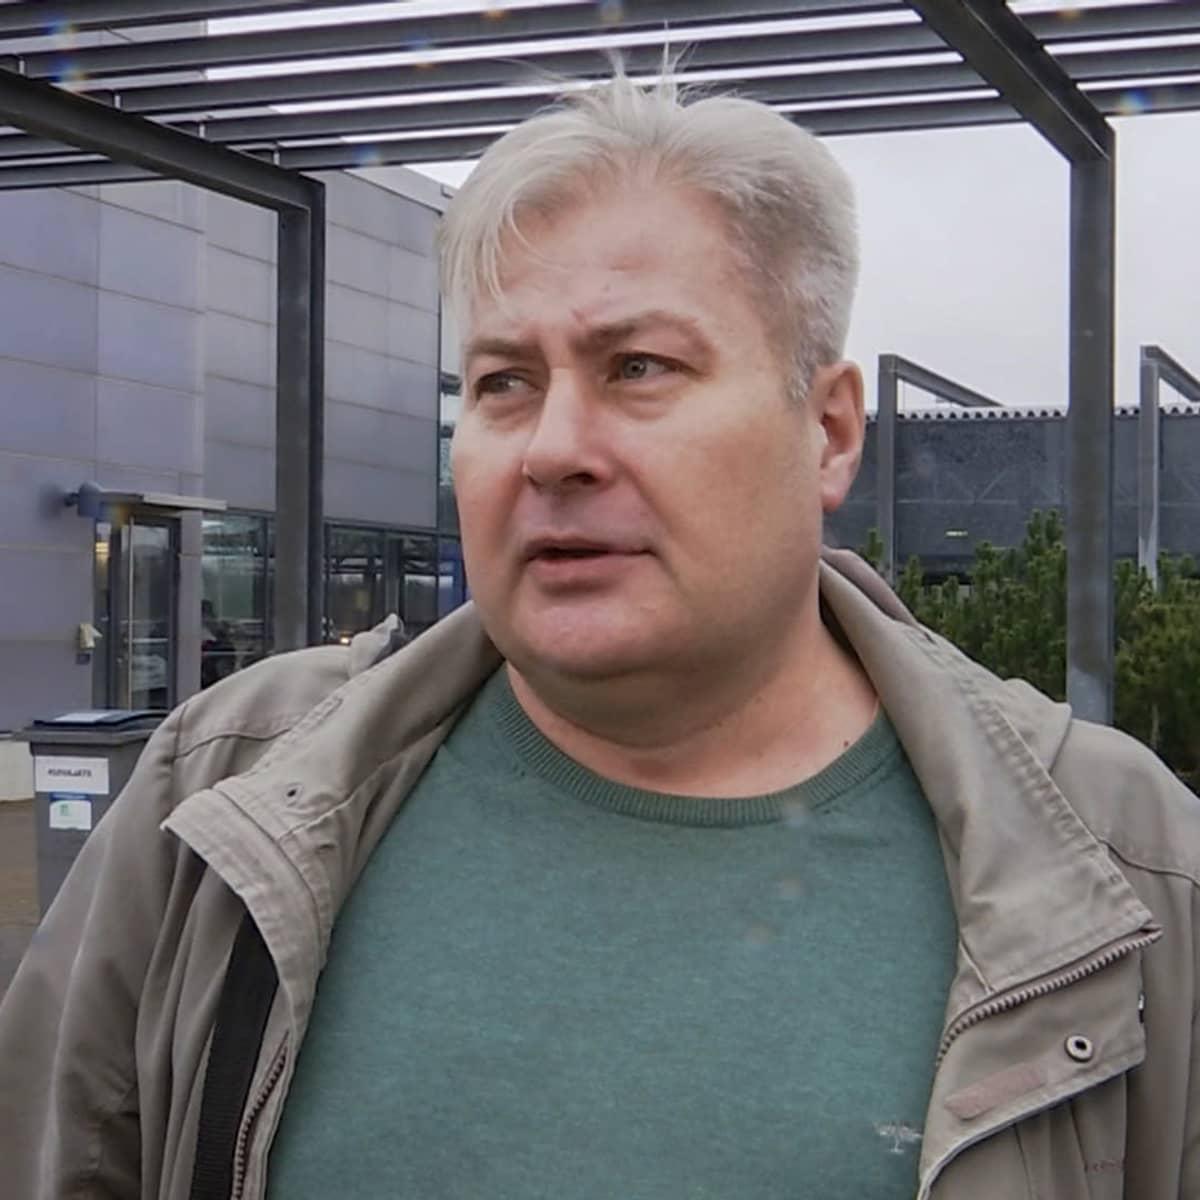 Venäläinen mies Nuijamaan raja-asemalla.